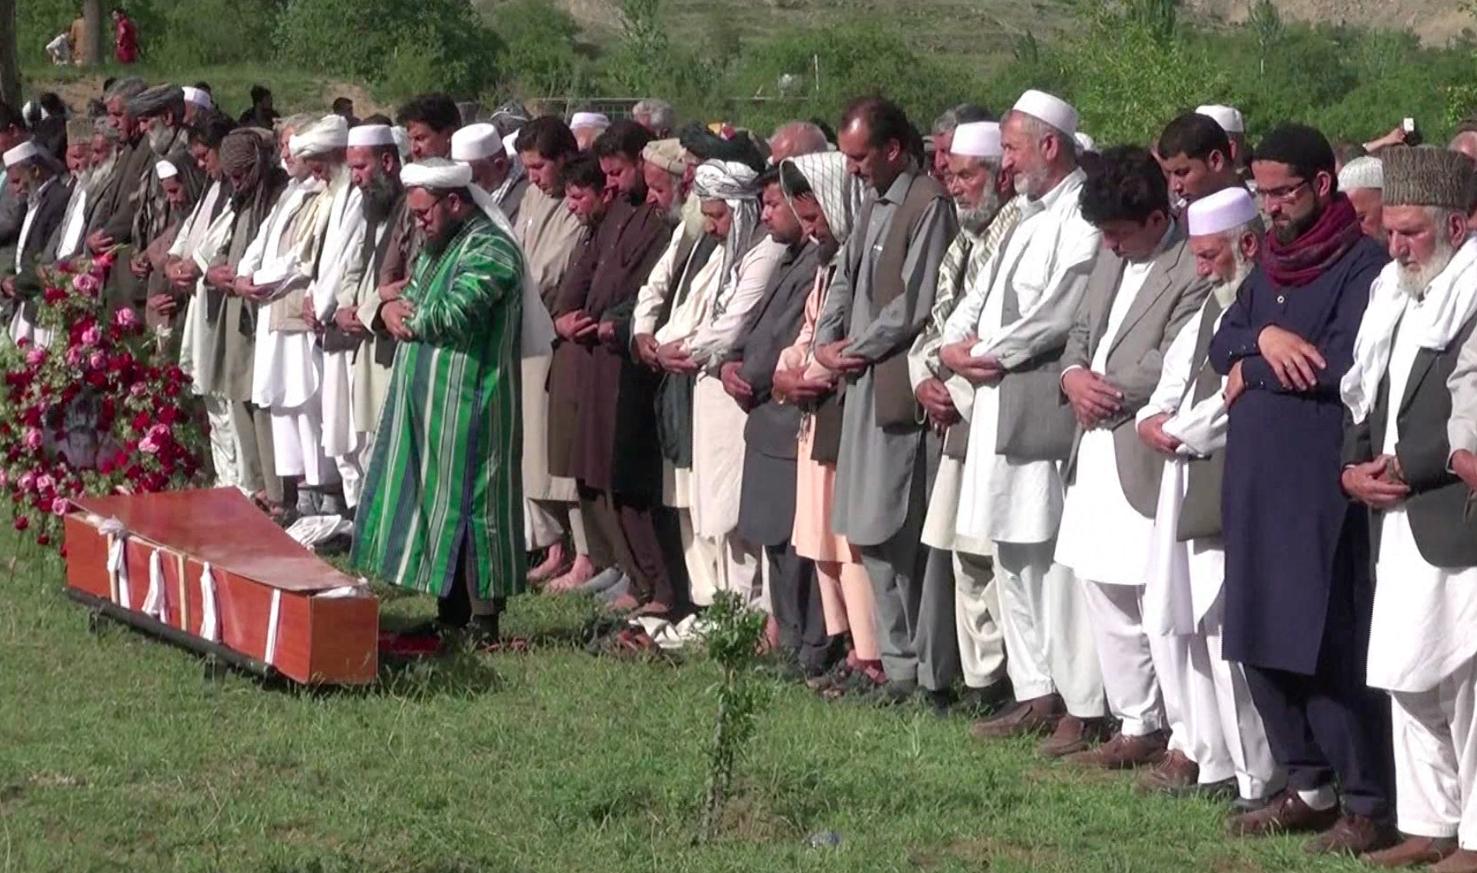 خبرنگاران پاکستانی نیز حملهٔ داعش بر رسانه ای افغانستان را محکوم کردند